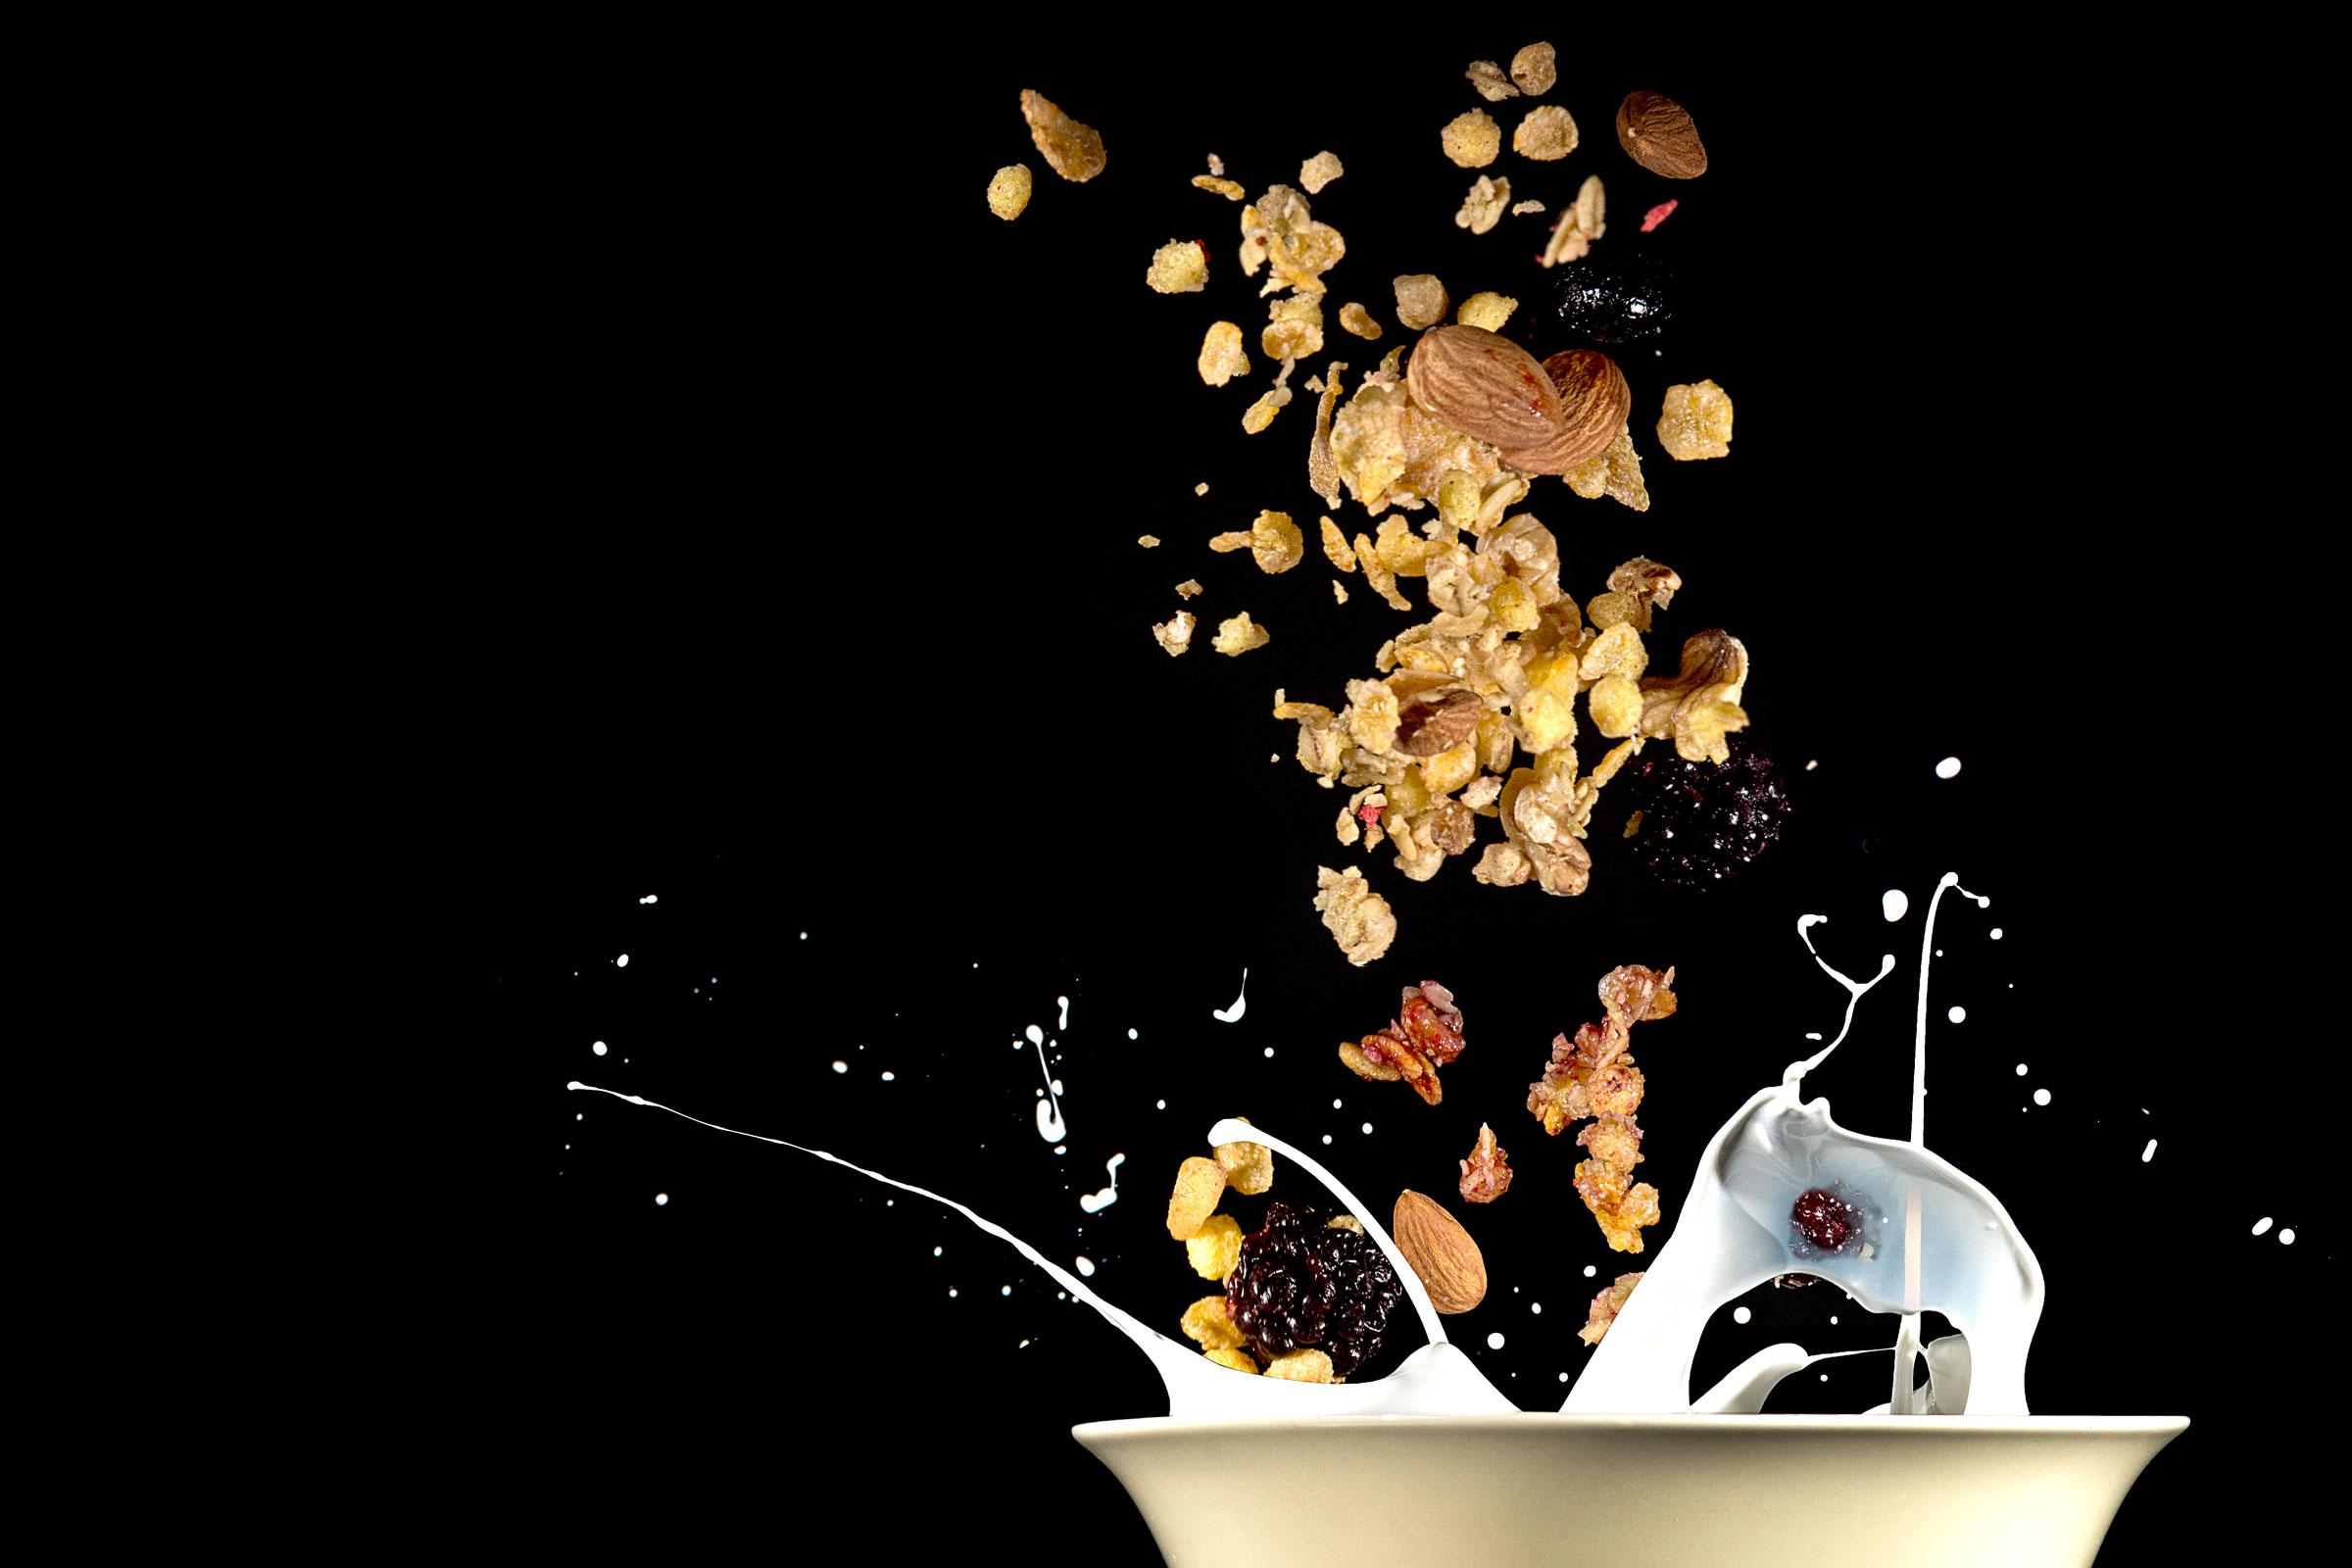 Cereal drop